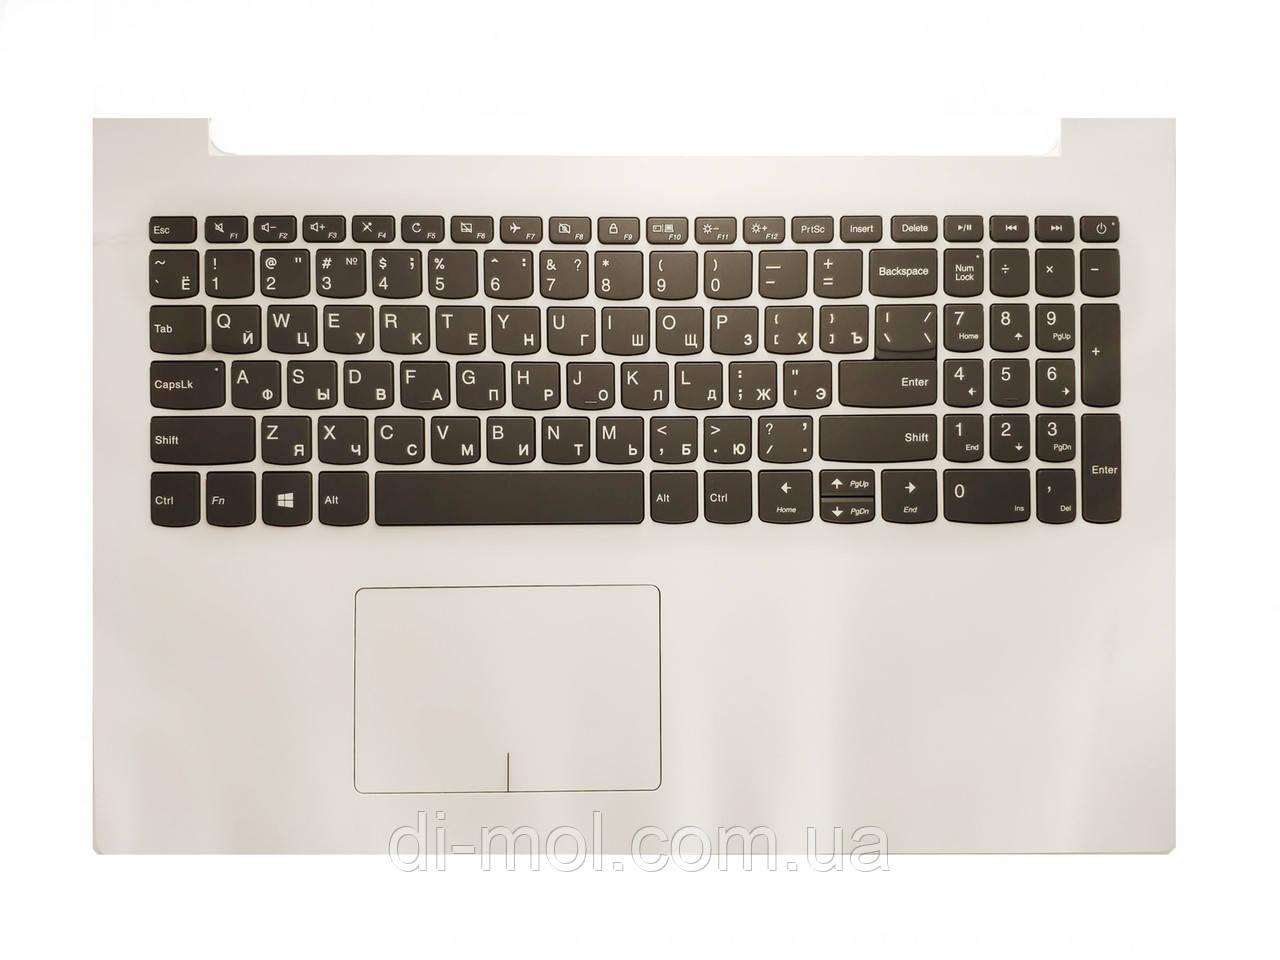 Оригинальная клавиатура для Lenovo IdeaPad 320-15, 330-15, 520-15 series, gray, ru, белая передняя панель